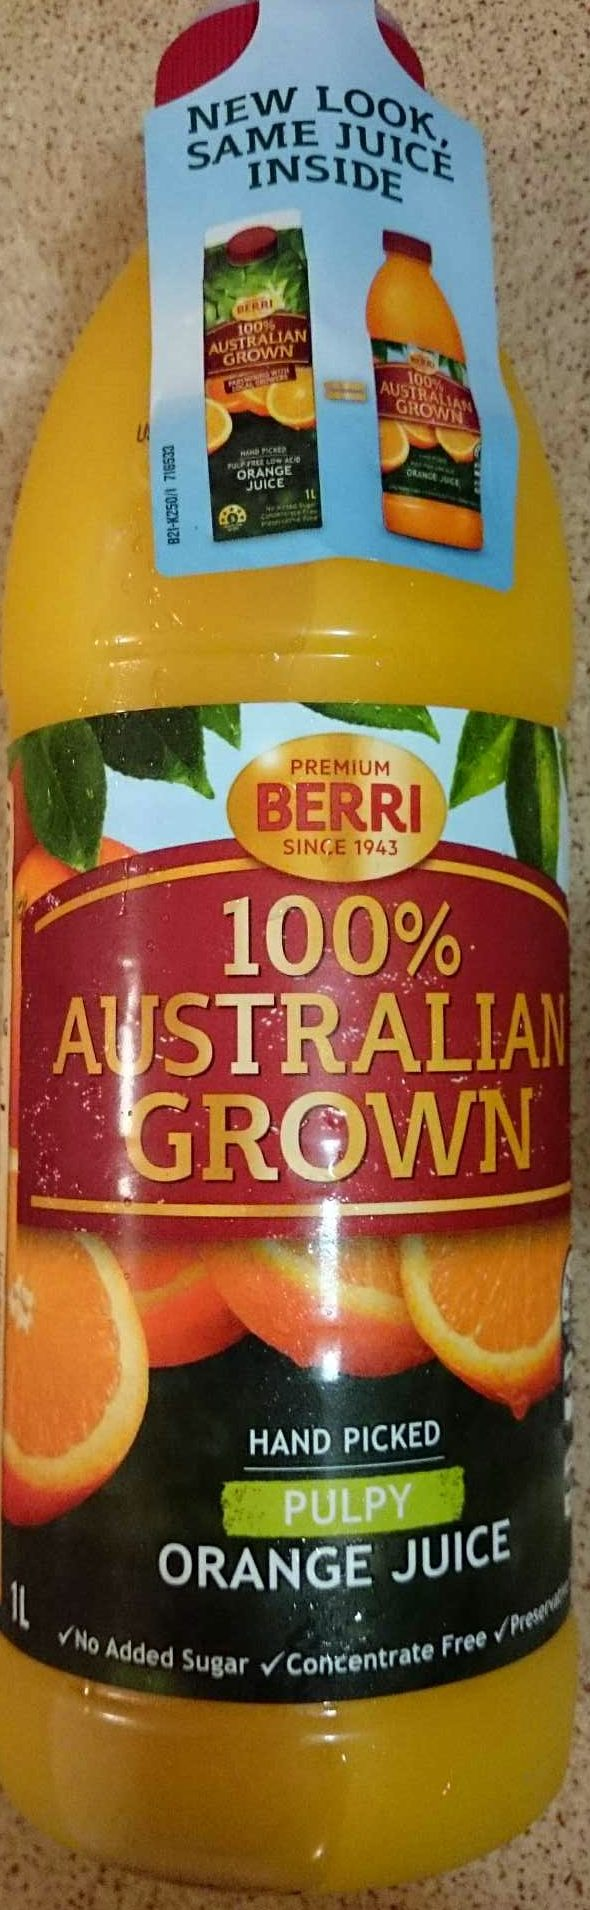 Orange Juice Pulpy - Product - en